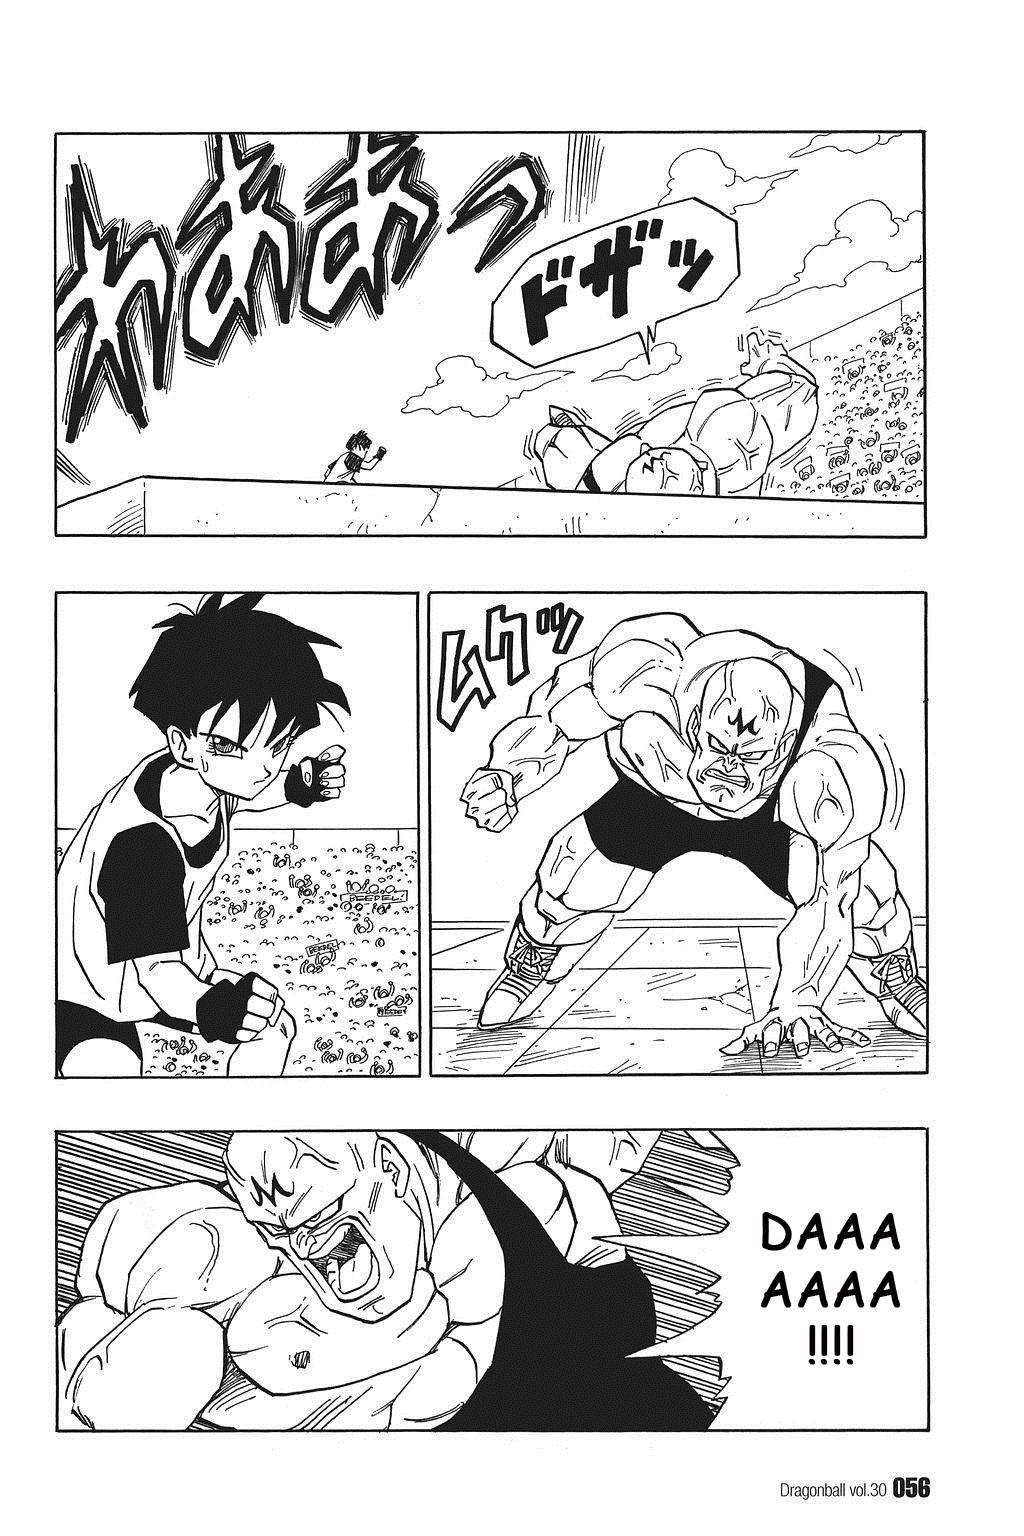 xem truyen moi - Dragon Ball Bản Vip - Bản Đẹp Nguyên Gốc Chap 440